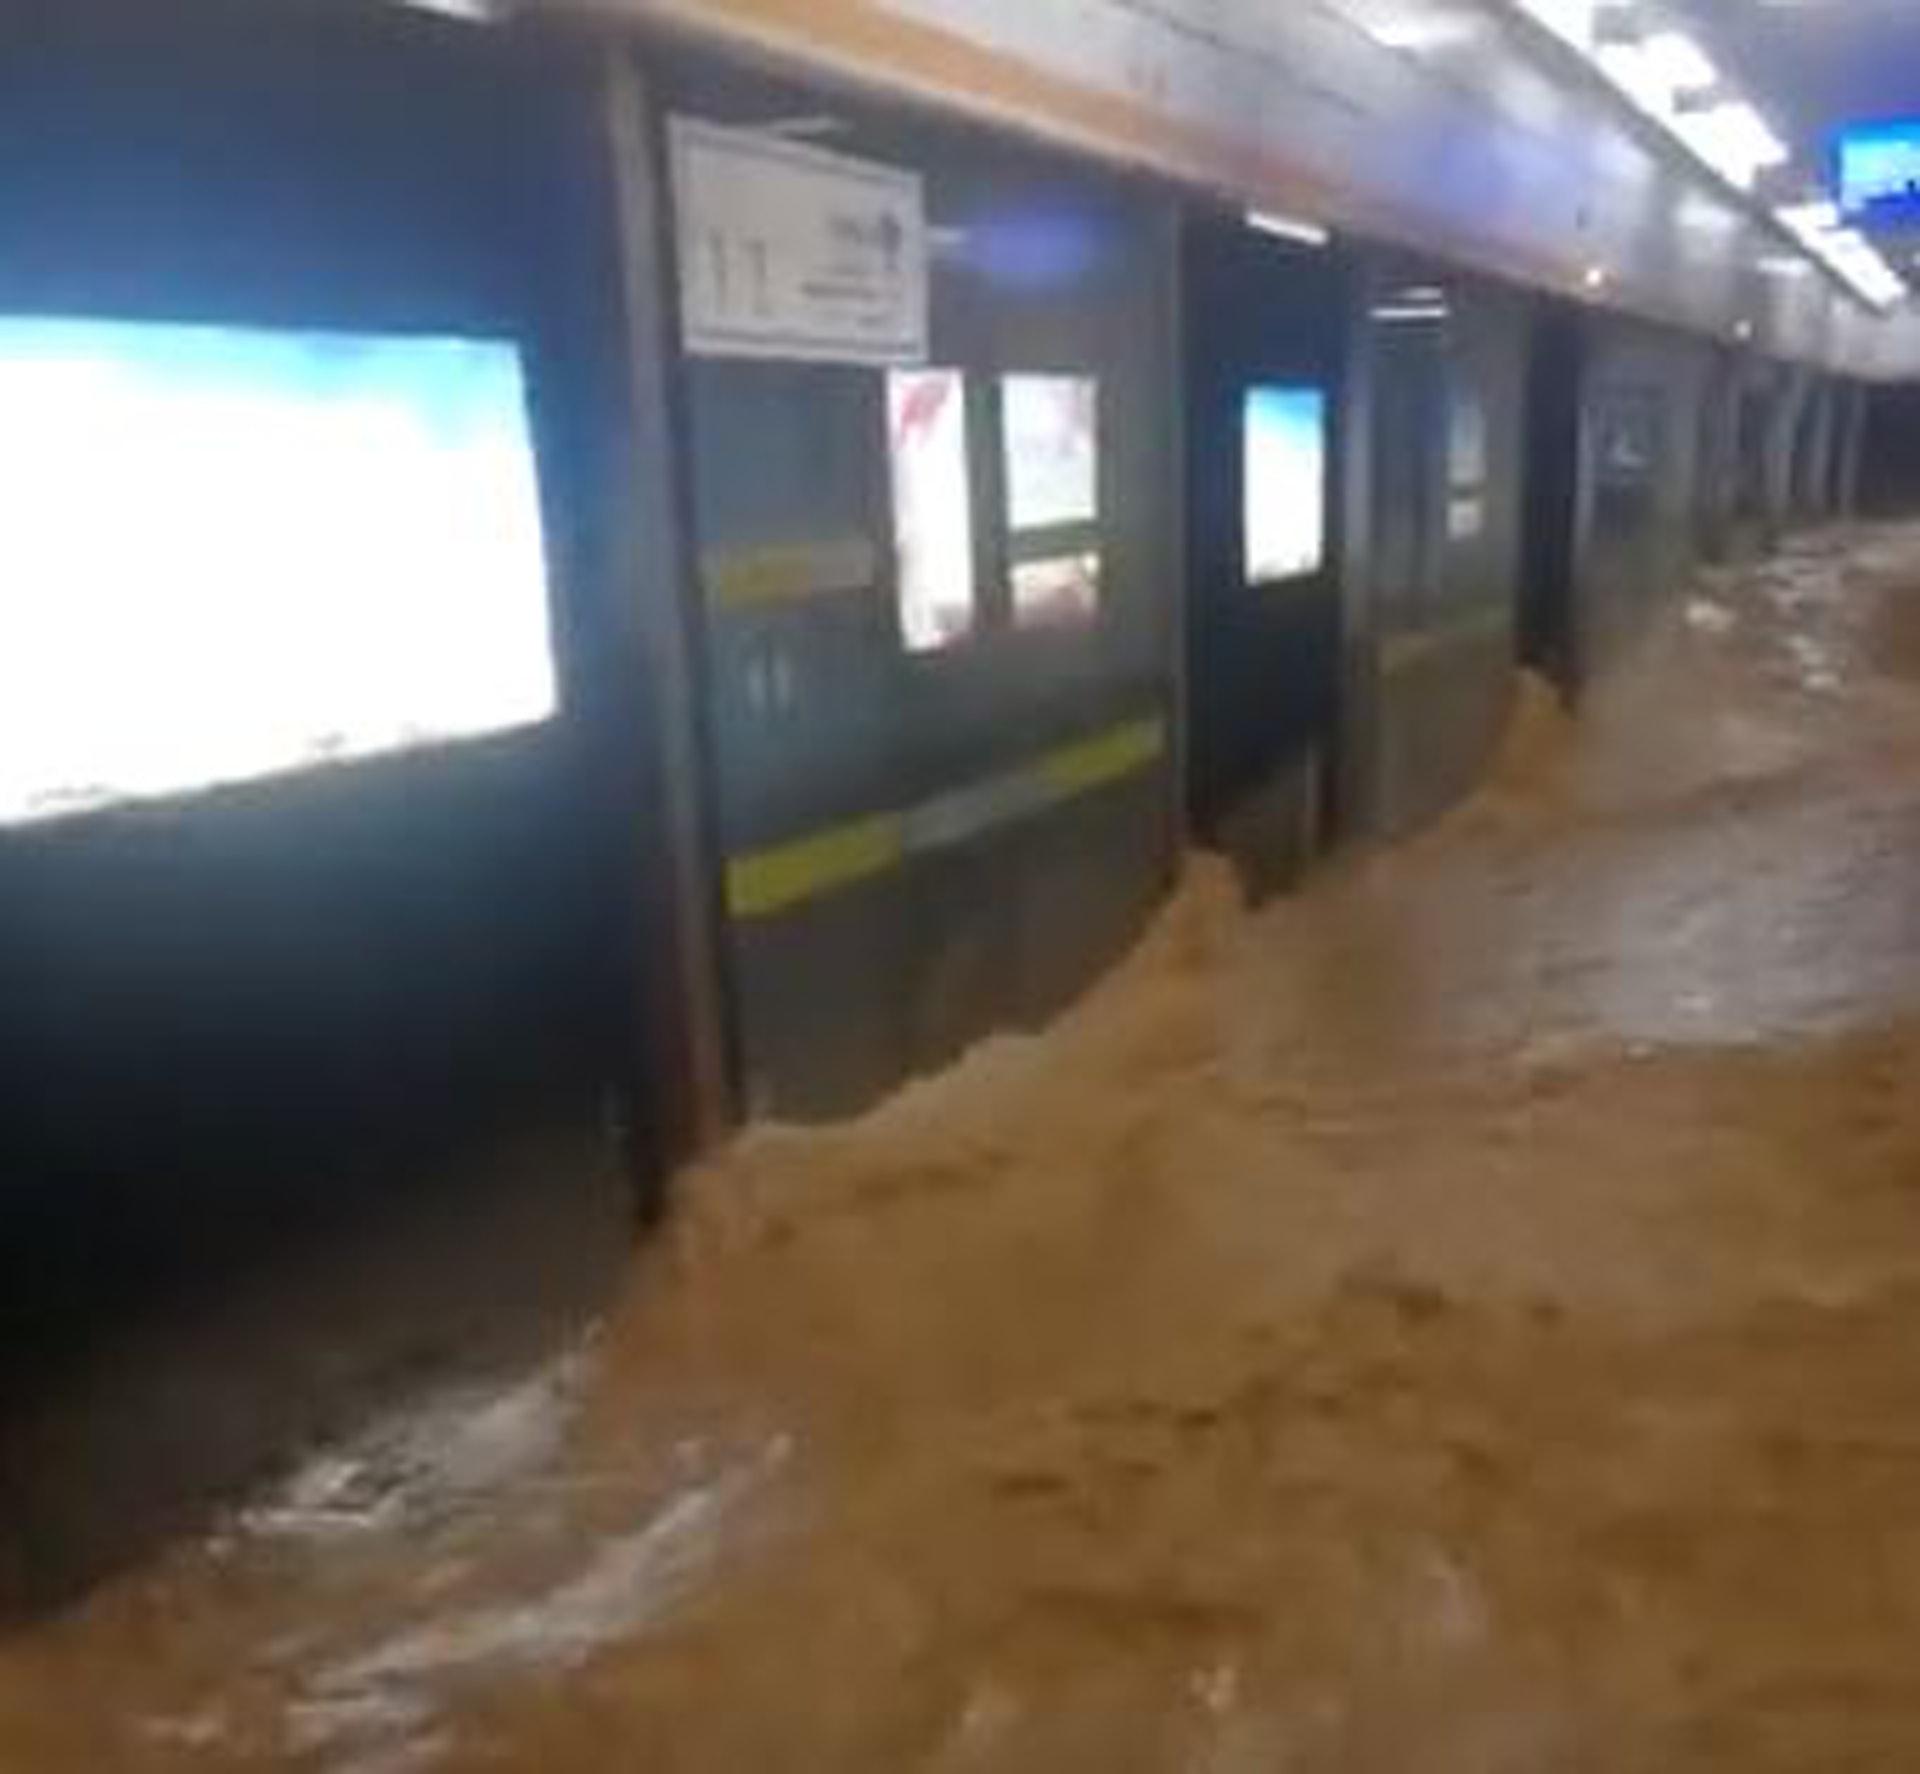 鄭州暴雨導致多個地鐵站積水倒灌,車站為此要臨時關閉。(影片截圖)